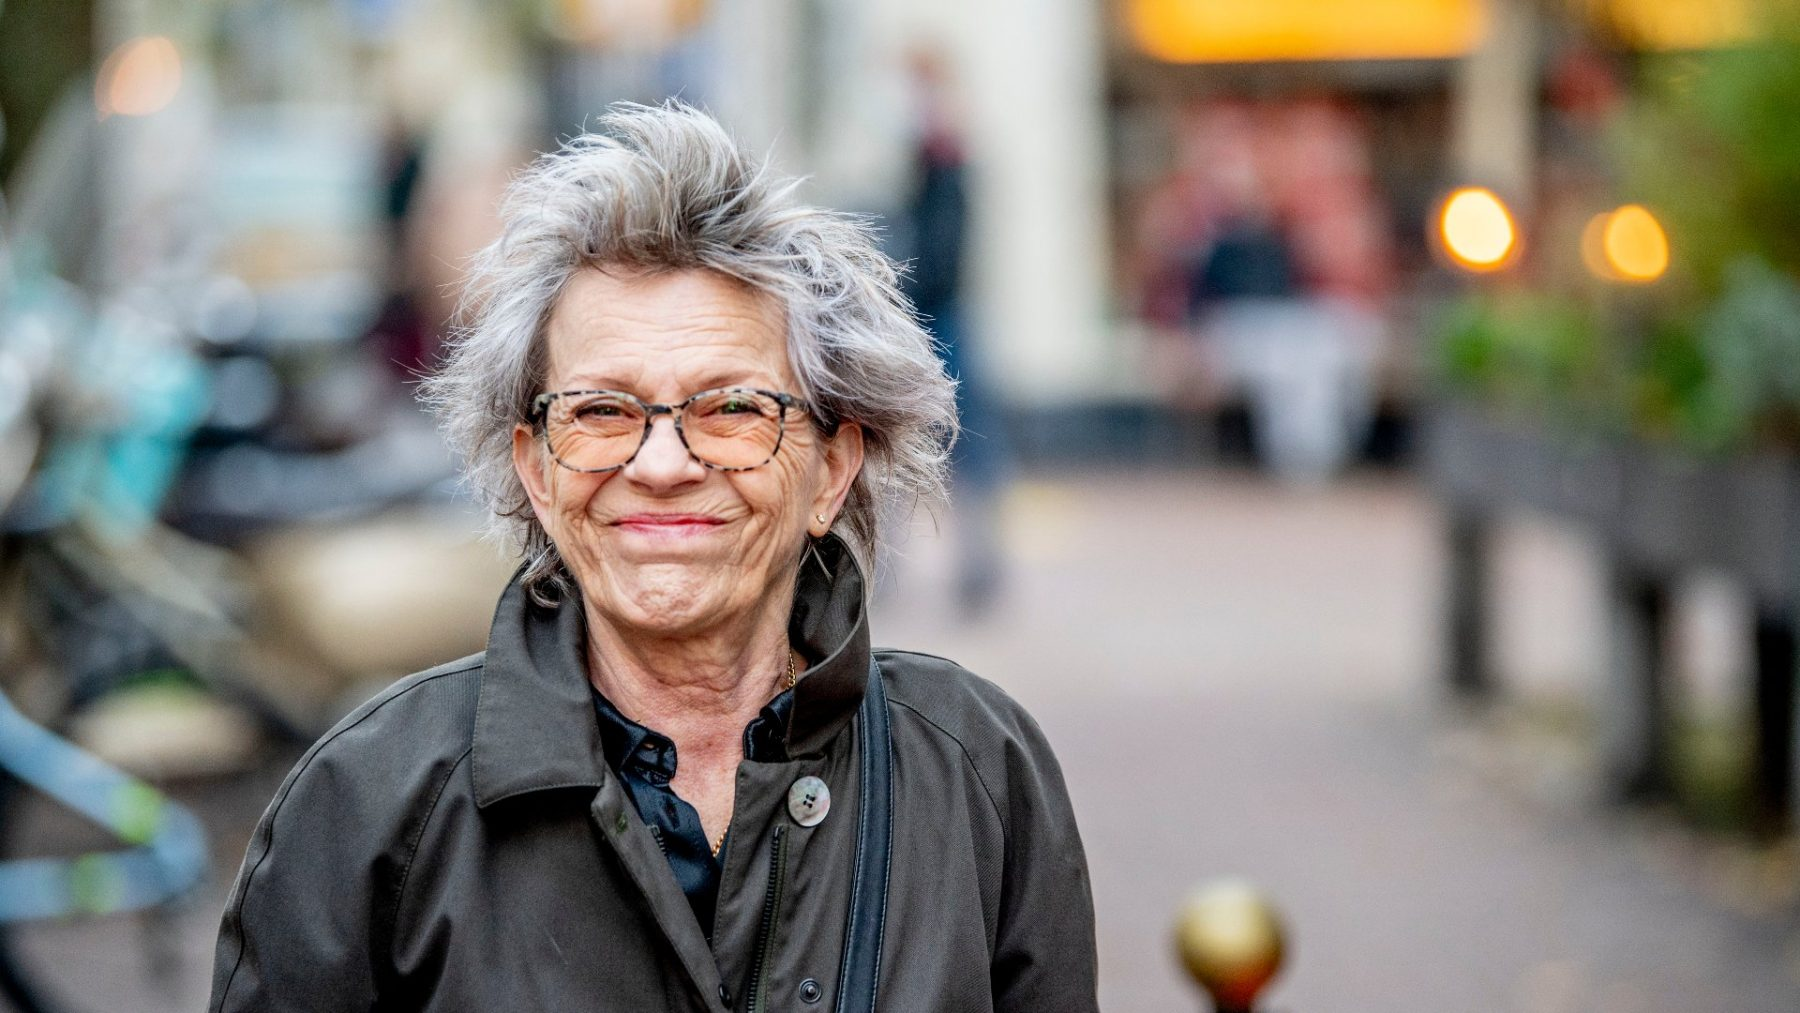 AVROTROS maakt vierdelige serie over de relatie tussen Connie Palmen en Ischa Meijer